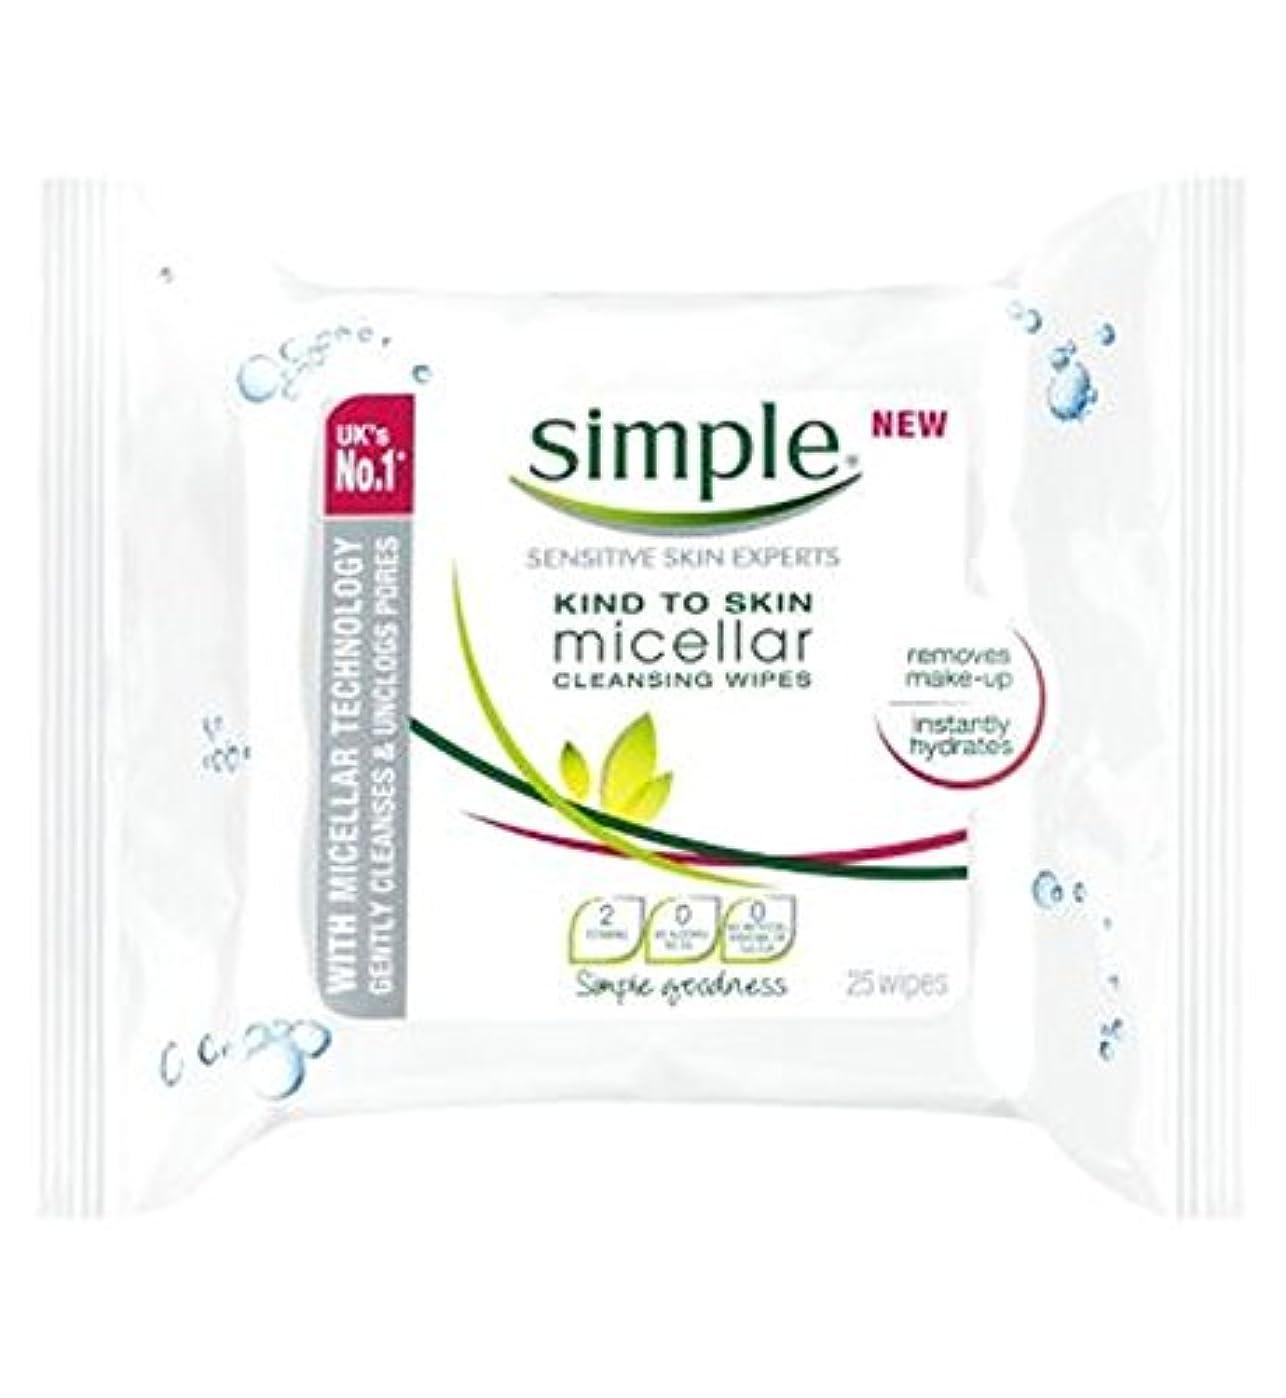 咳勇気のあるニュージーランドSimple Kind To Skin Micellar Cleansing Wipes - 25 wipes - 皮膚ミセルクレンジングへの単純な種類がワイプ - 25ワイプ (Simple) [並行輸入品]